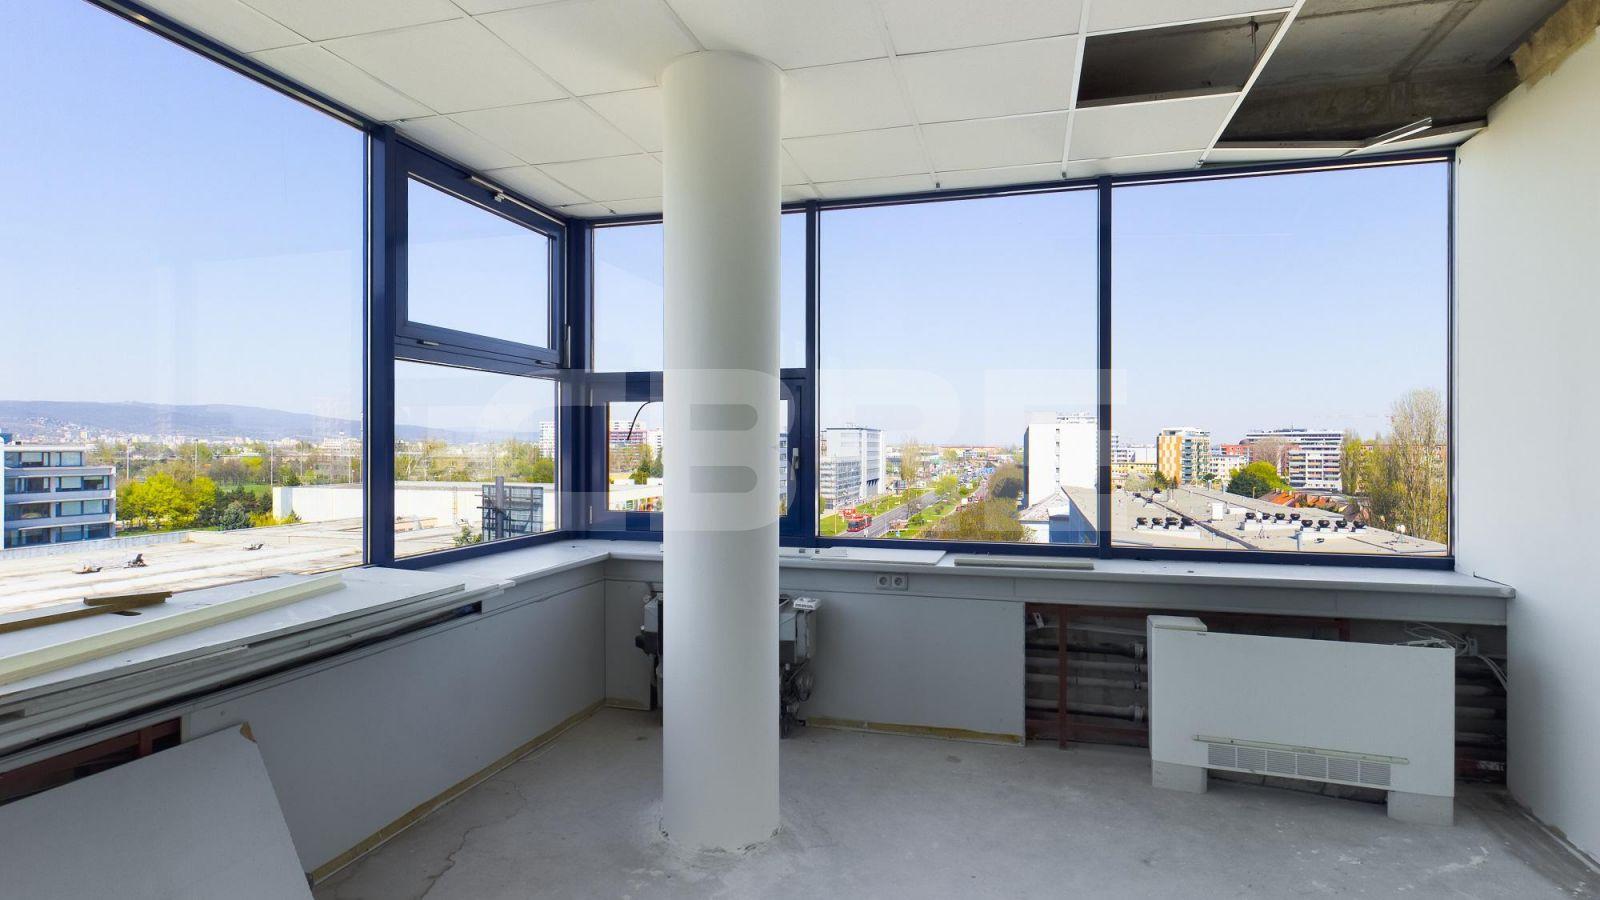 Trnavská cesta Business Center, Bratislava - Nové Mesto | Offices for rent by CBRE | 5